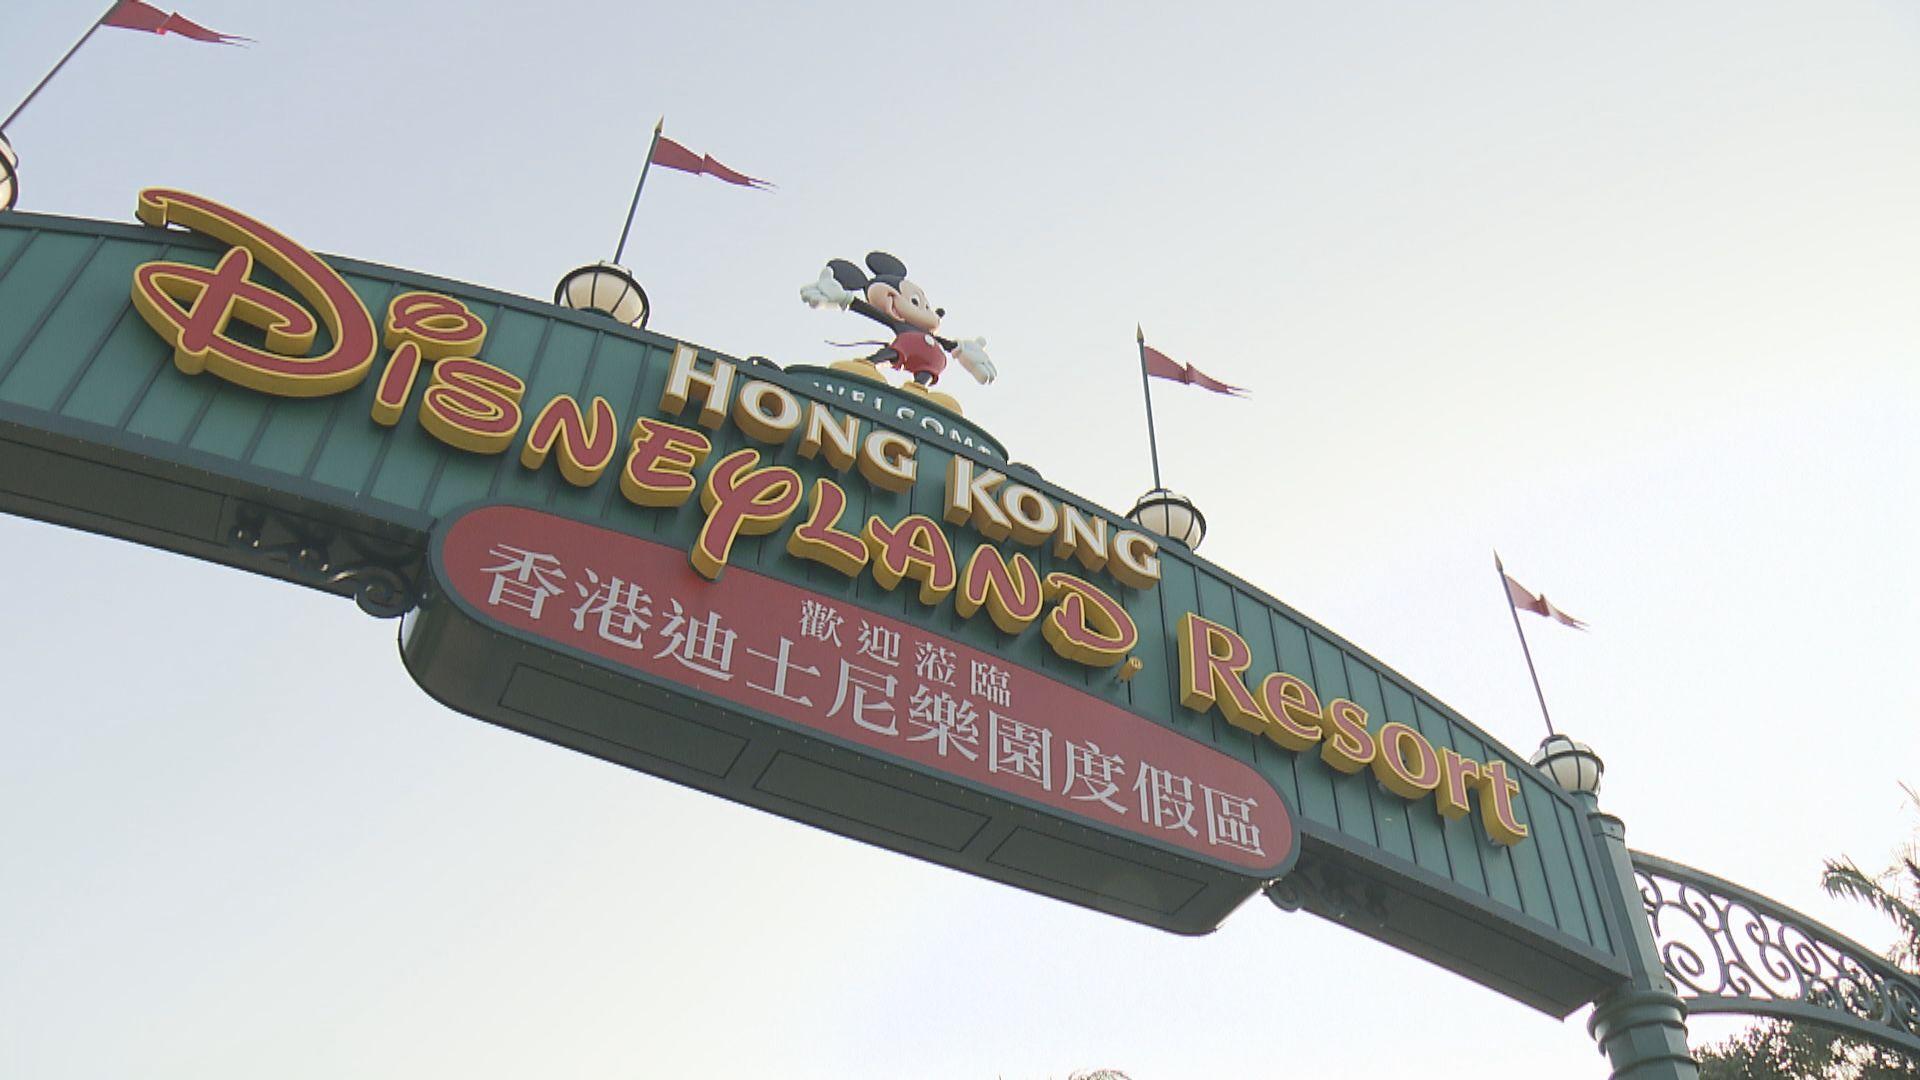 香港迪士尼去年淨虧損一億元 未有預測何時重開